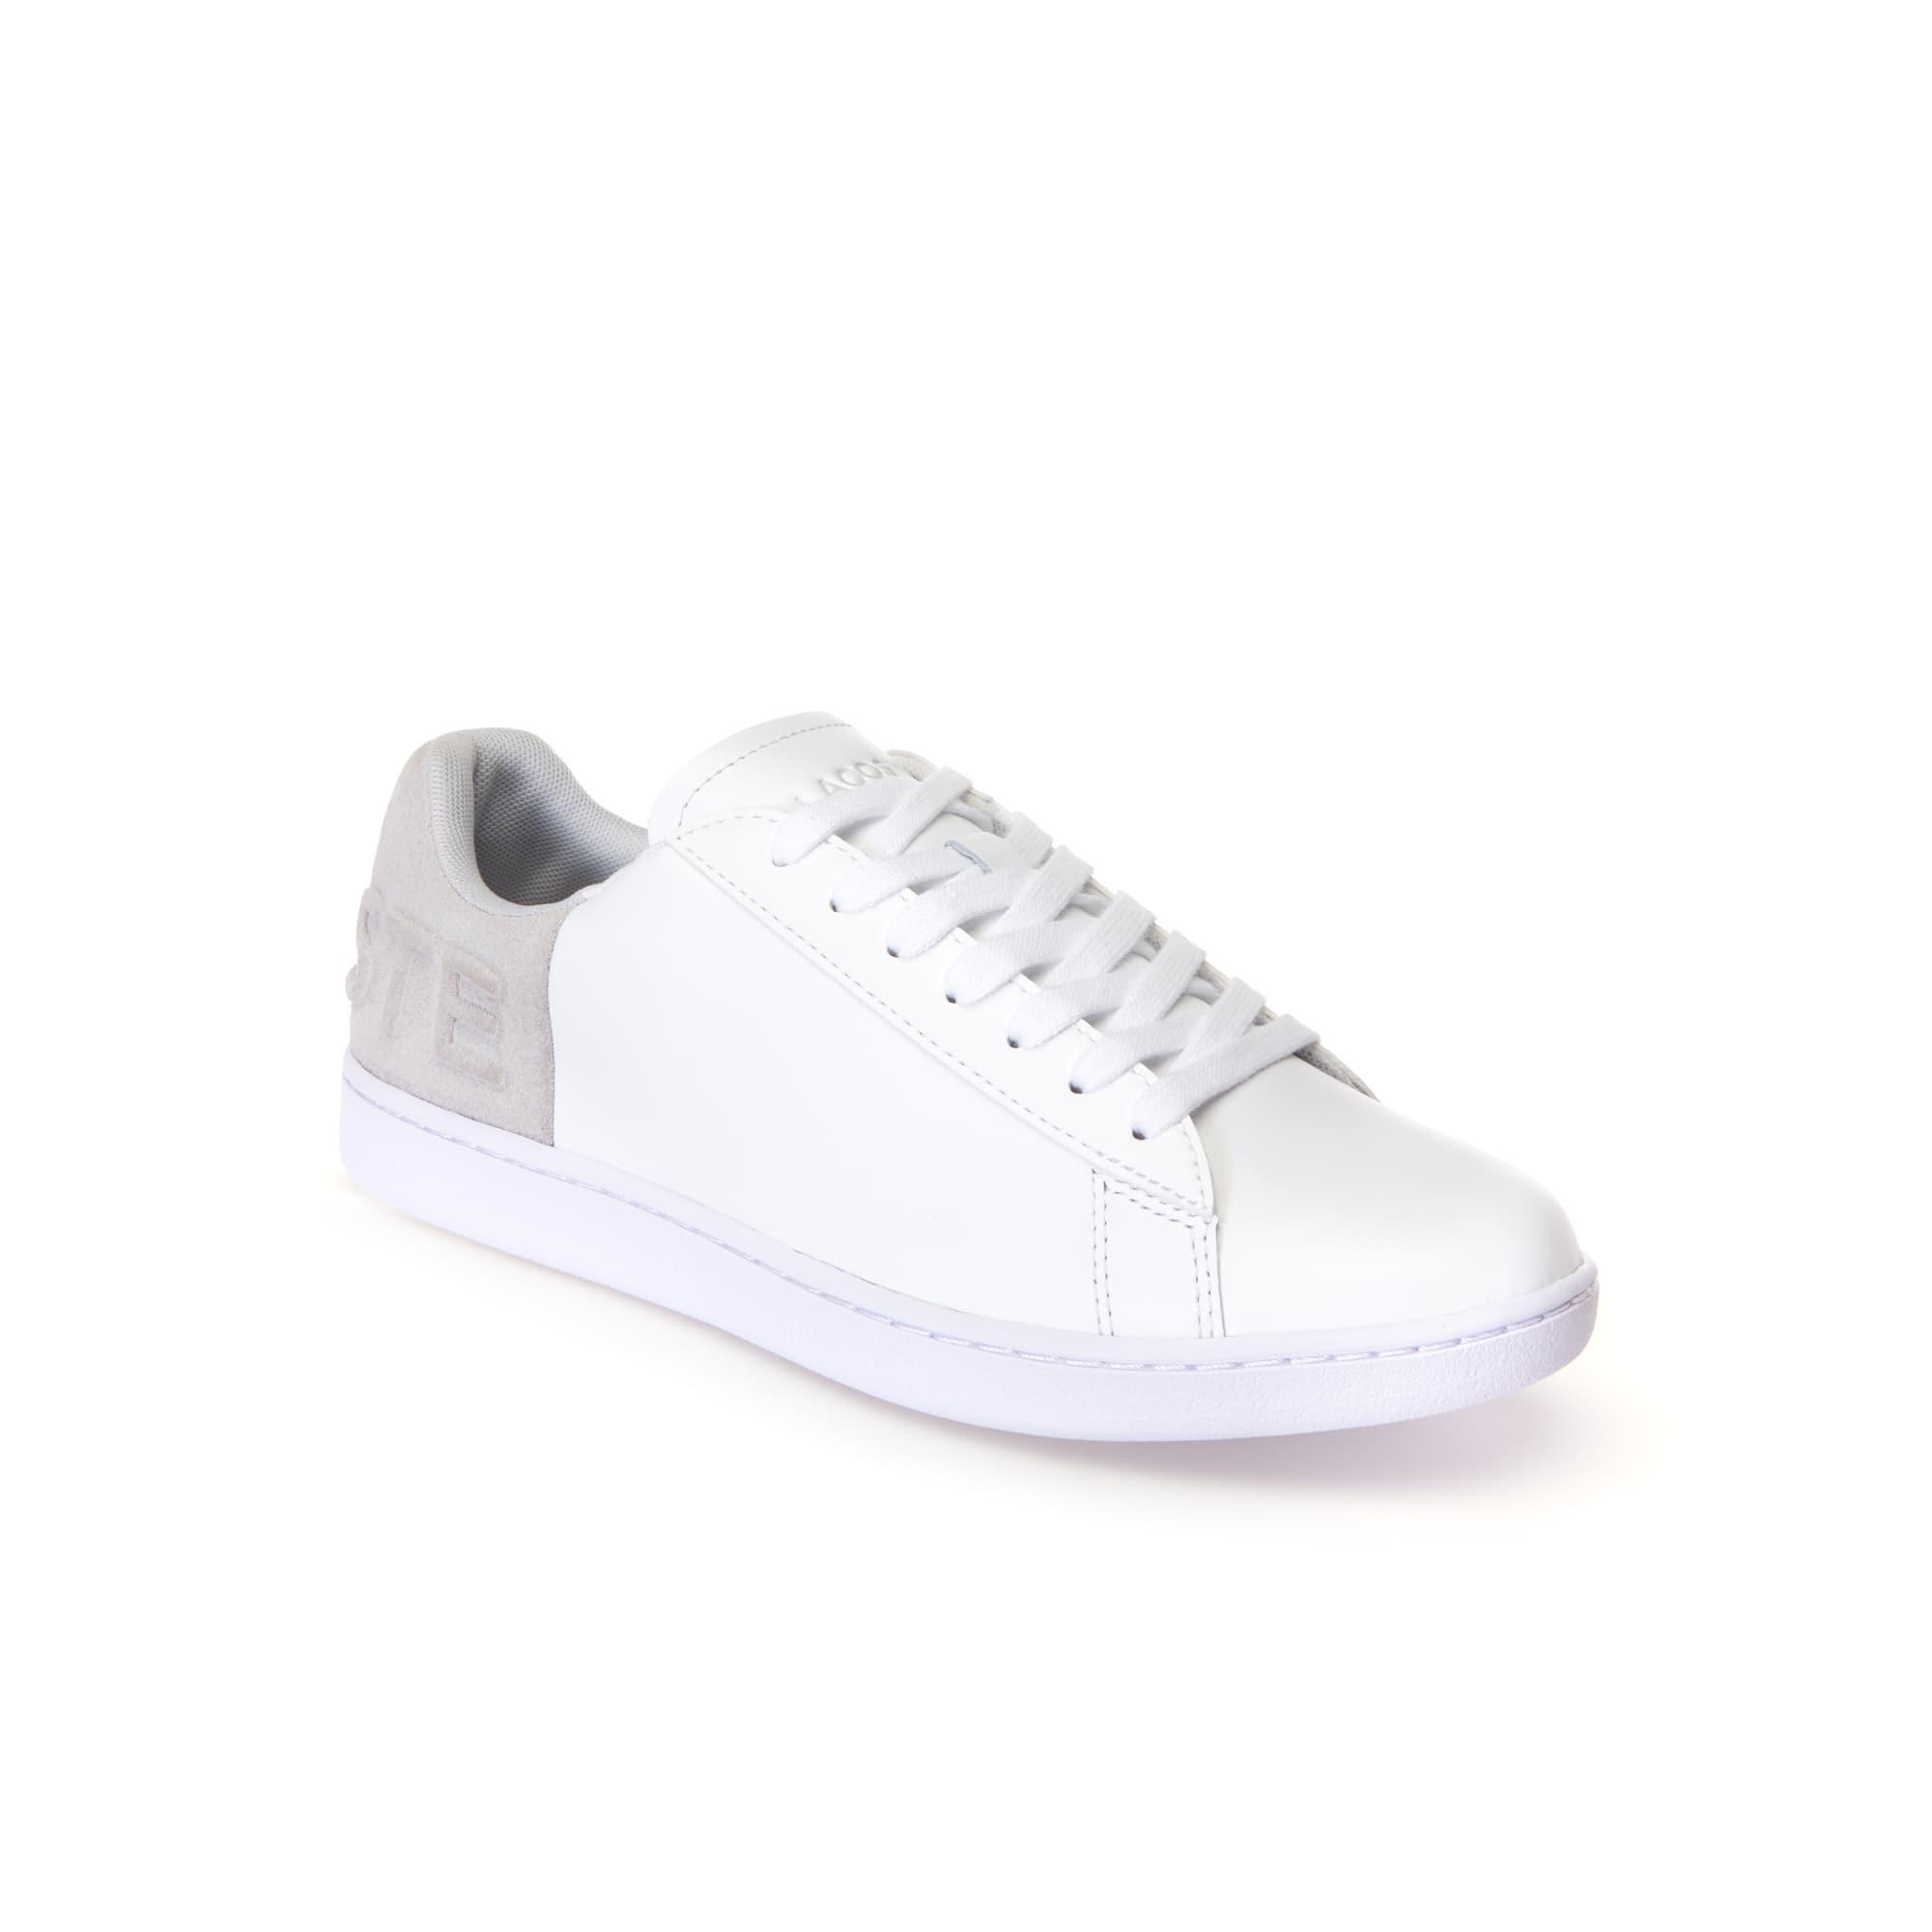 Cuir Coloré Lacoste Carnaby En Sneakers Evo Femme Gyffr PiuwOkXZT